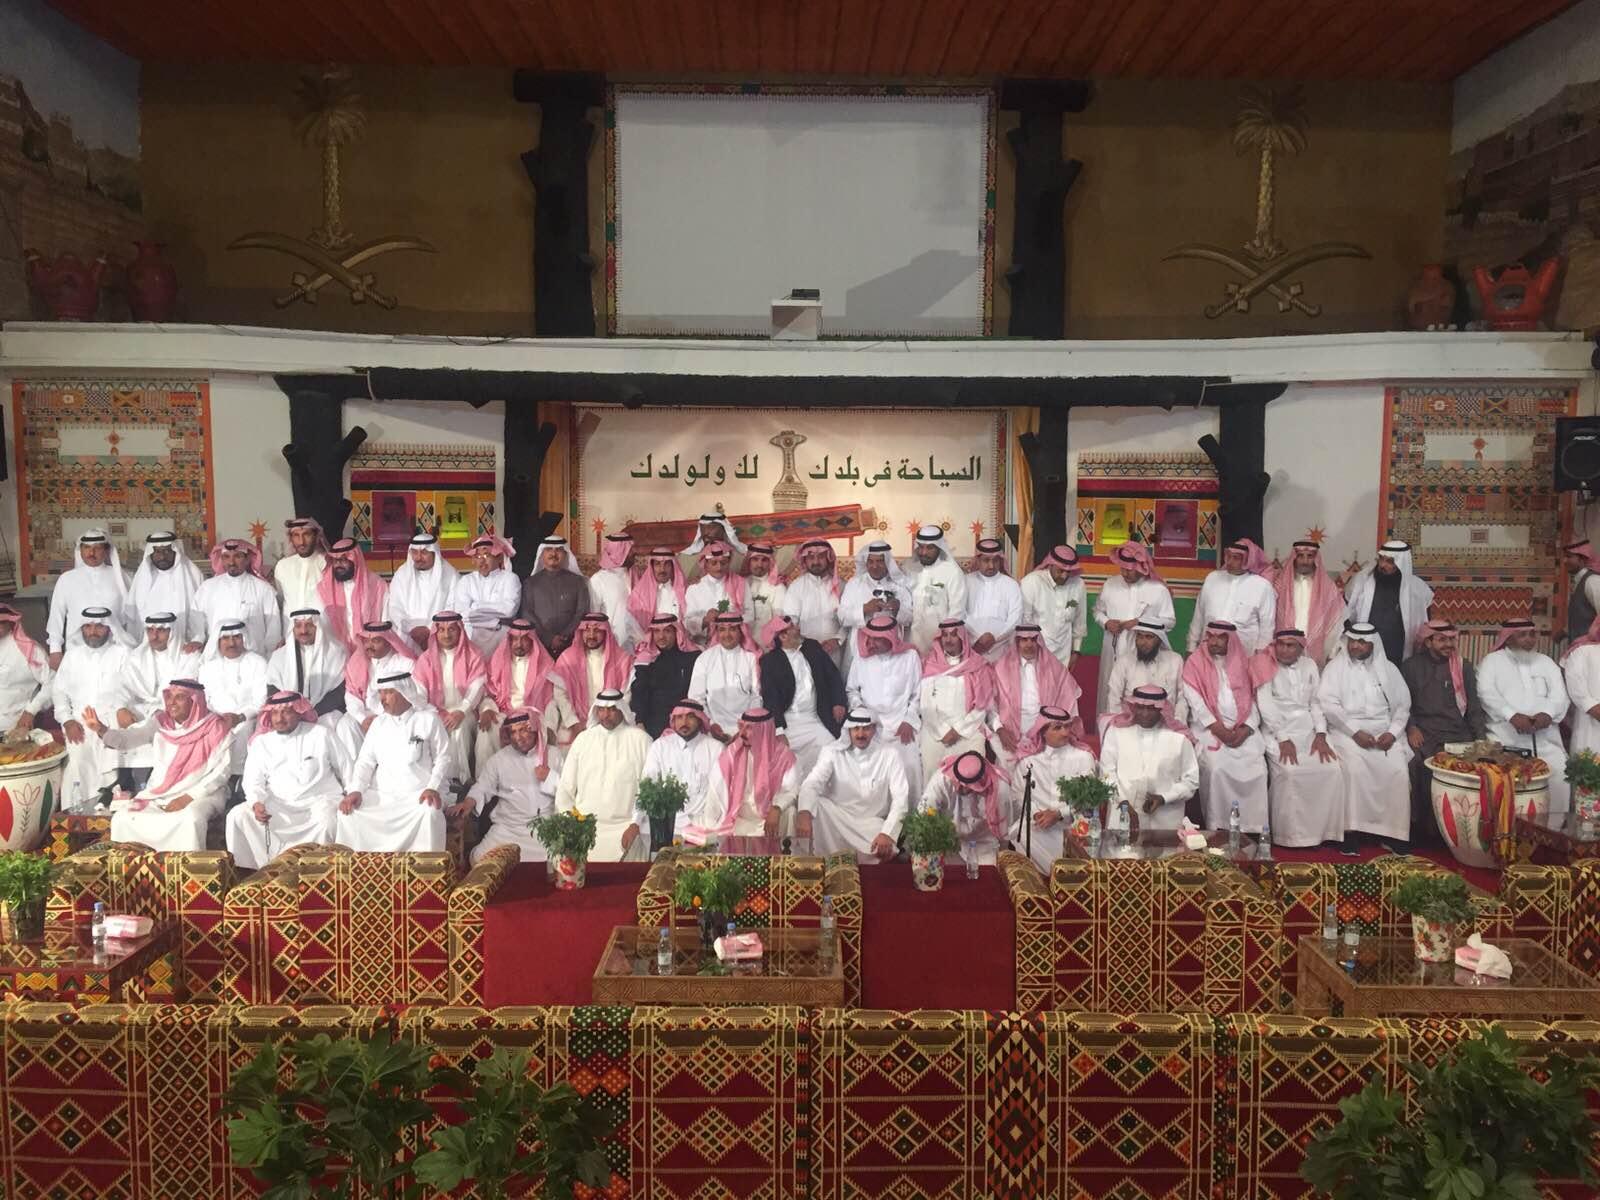 ضباط دورة 38 بكلية الملك فهد في لقاء جماعي بأبها (7)